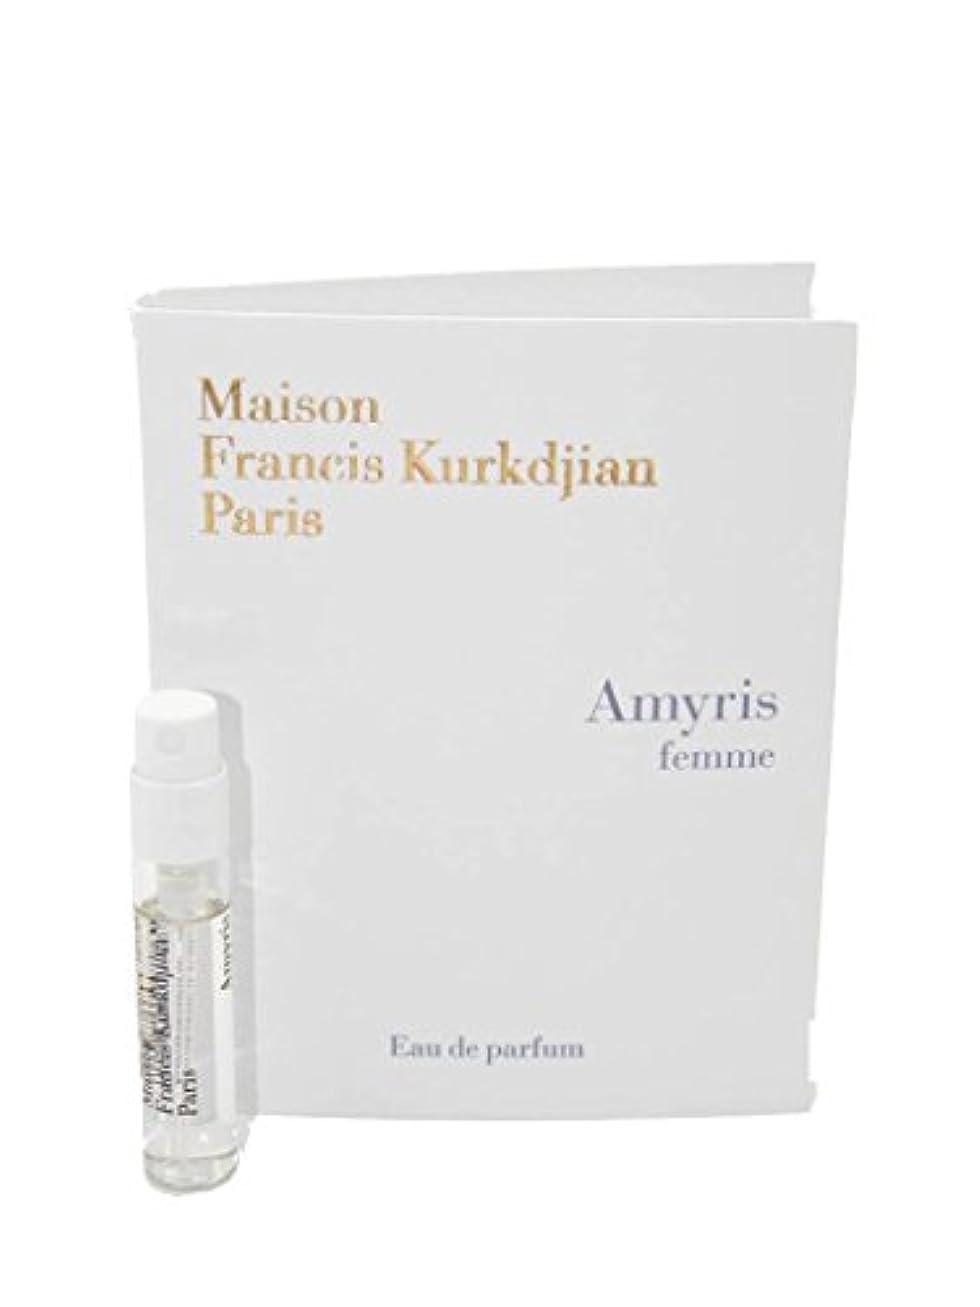 メリーグレー筋Maison Francis Kurkdjian Amyris Femme EDP Vial Sample 2ml(メゾン フランシス クルジャン アミリス ファム オードパルファン 2ml)[海外直送品] [並行輸入品]